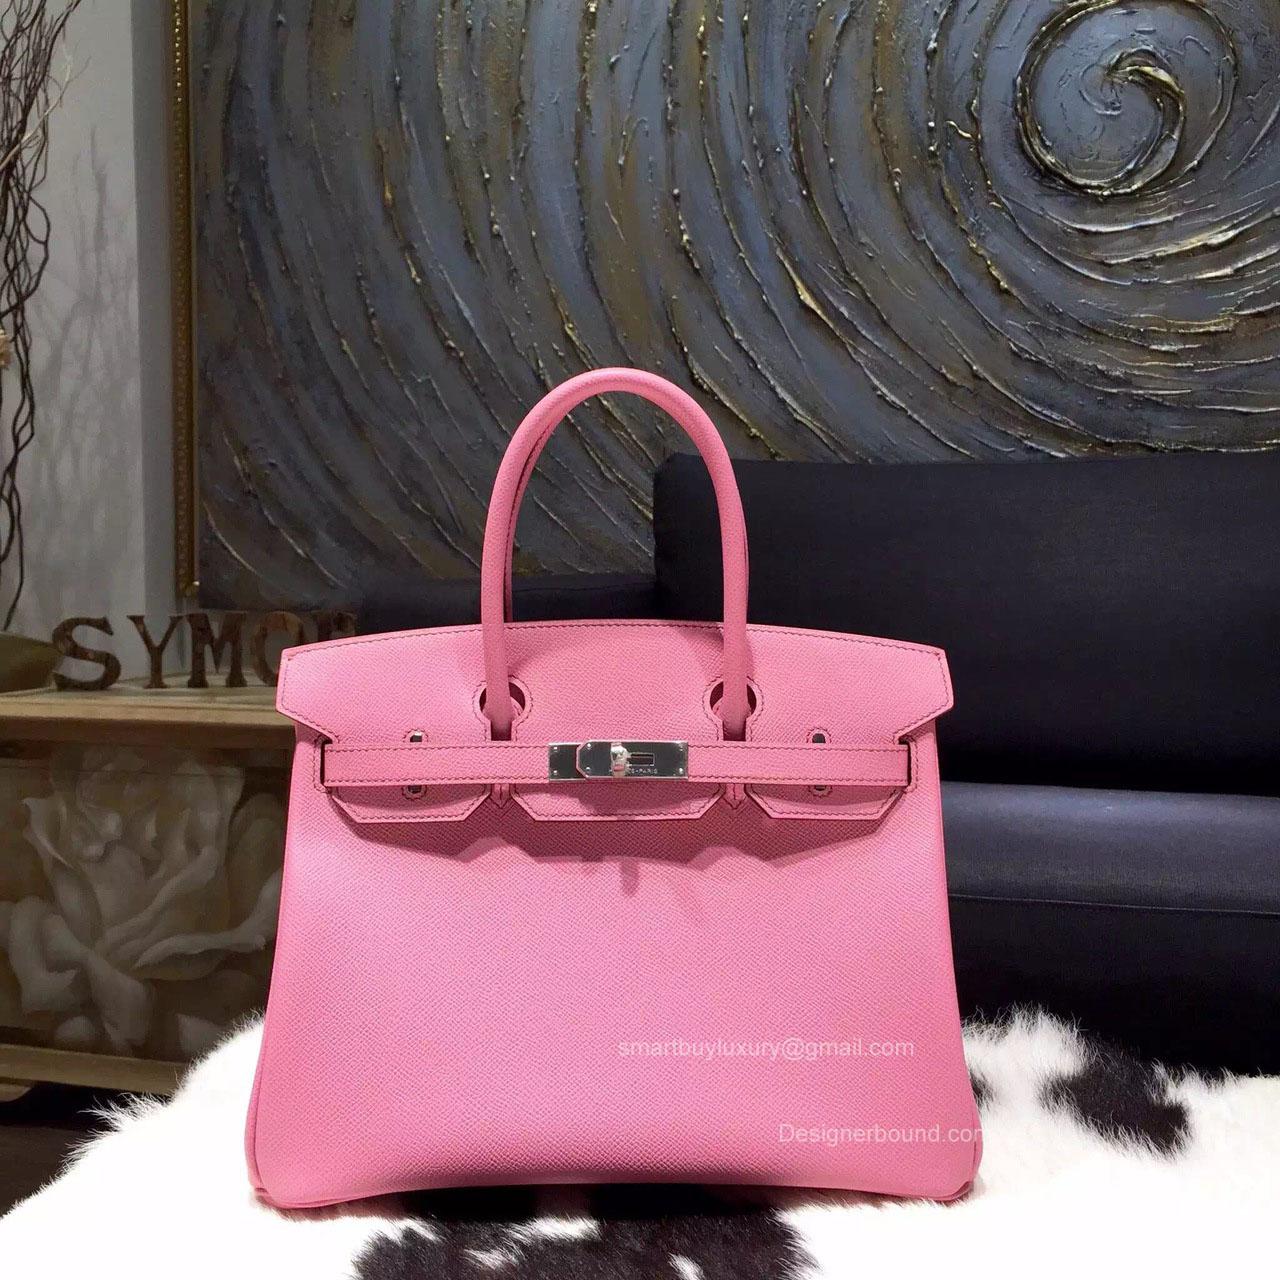 9518c038acc4 Hermes Birkin 35 Bag Pink 5P Epsom Leather Handstitched Silver hw